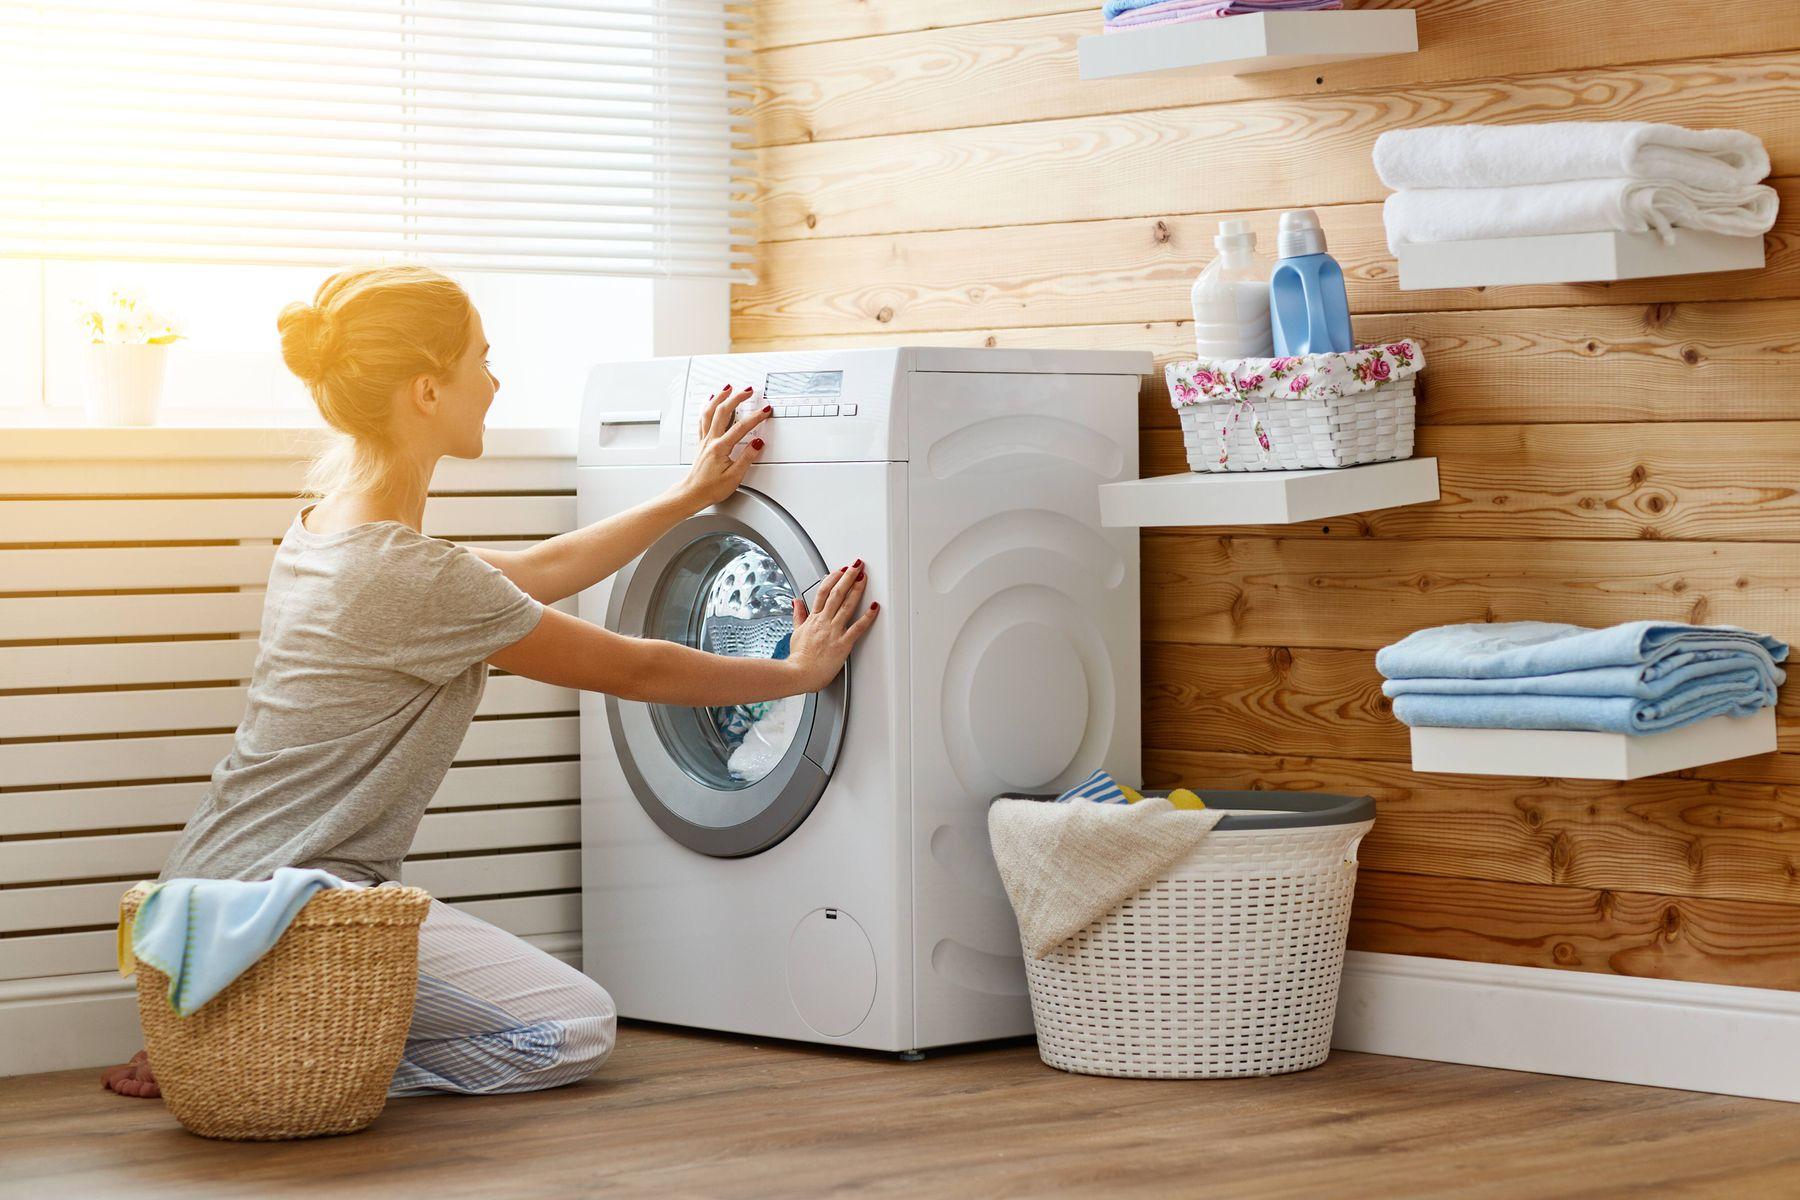 Mulher em lavanderia, fechando a máquina de lavar, com cesto de roupas ao lado e produtos de lavagem e toalhas em prateleiras